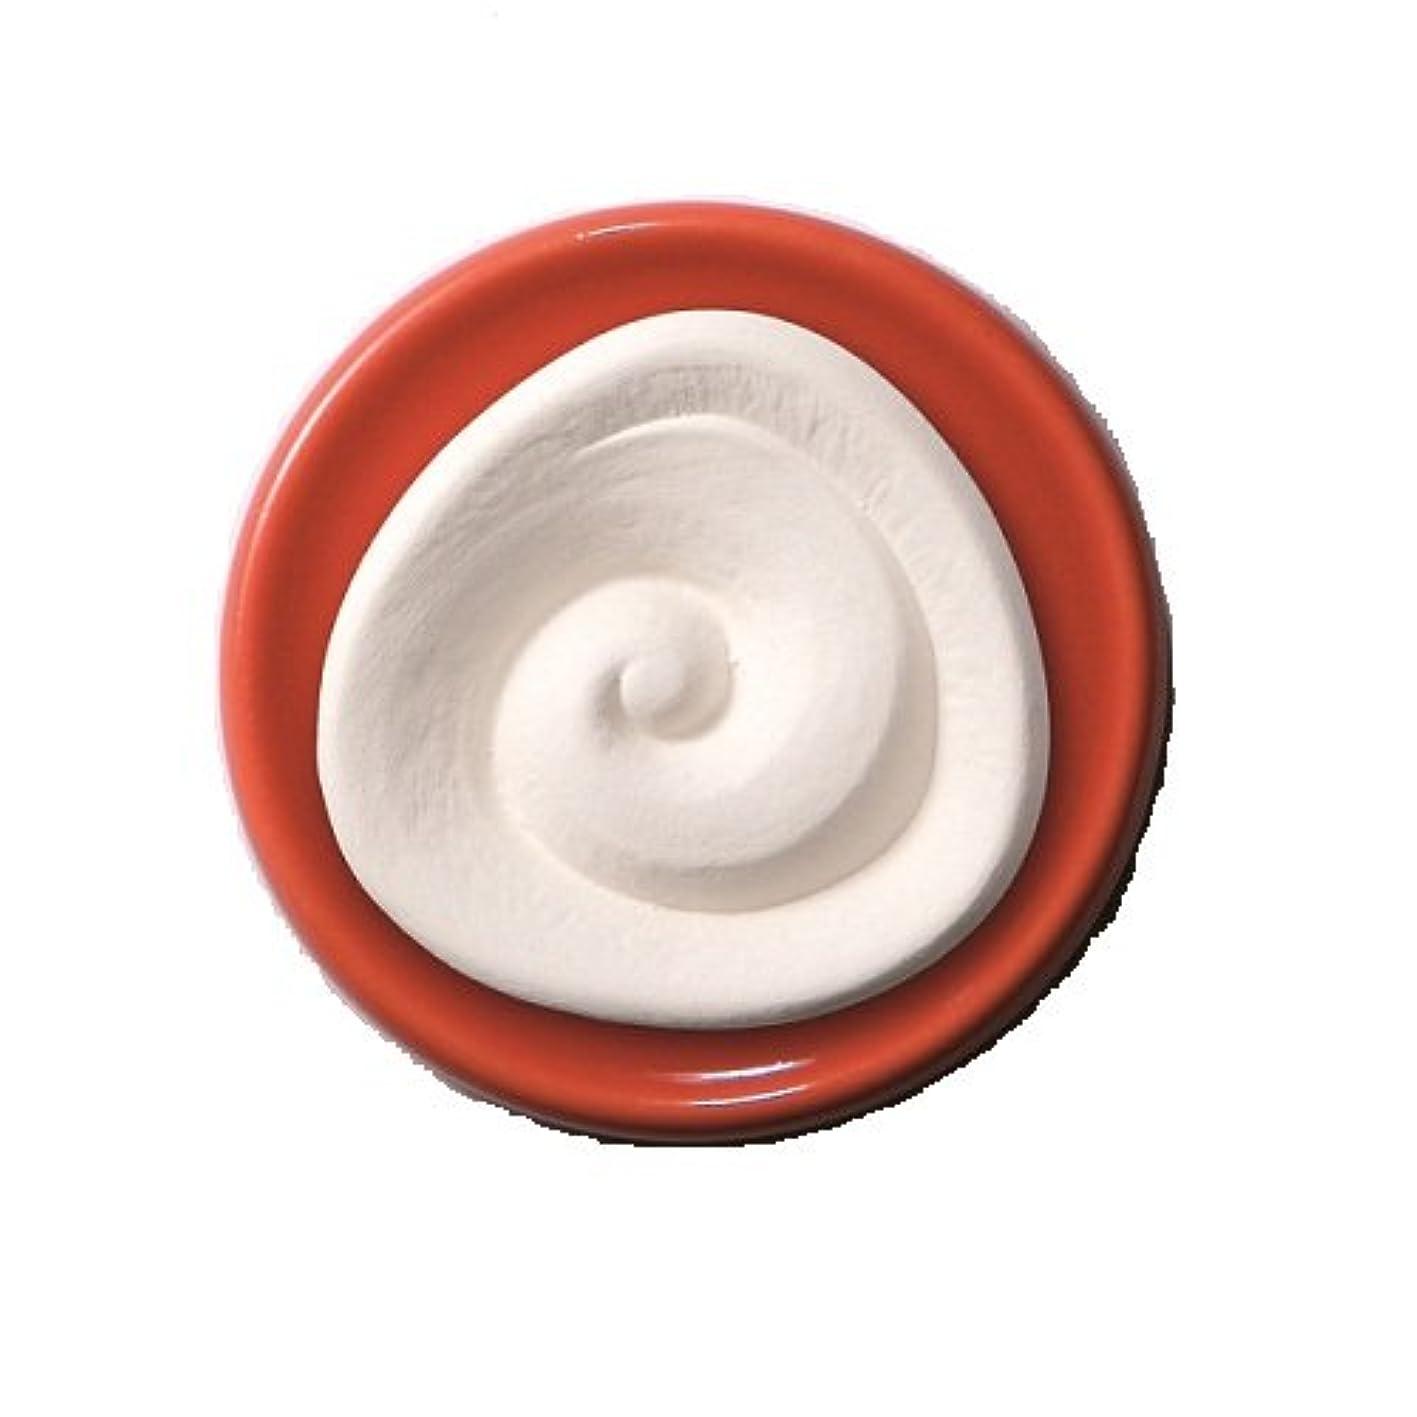 春止まる息子Neumond(ノイモンド)香りの小皿 スパイラル